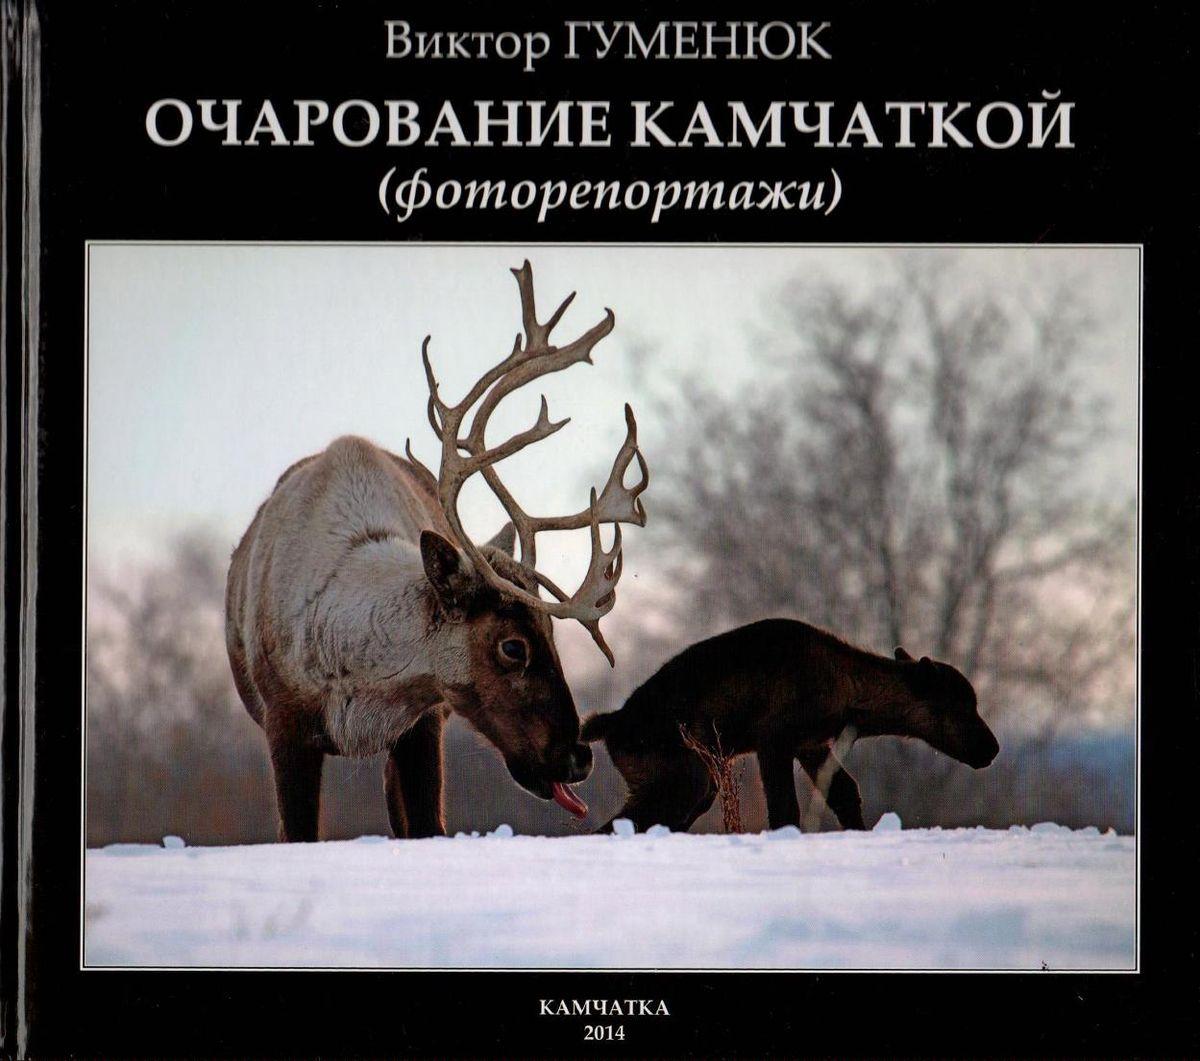 Виктор Гуменюк Очарование Камчаткой (фоторепортажи) ISBN: 978-5-87750-271-1